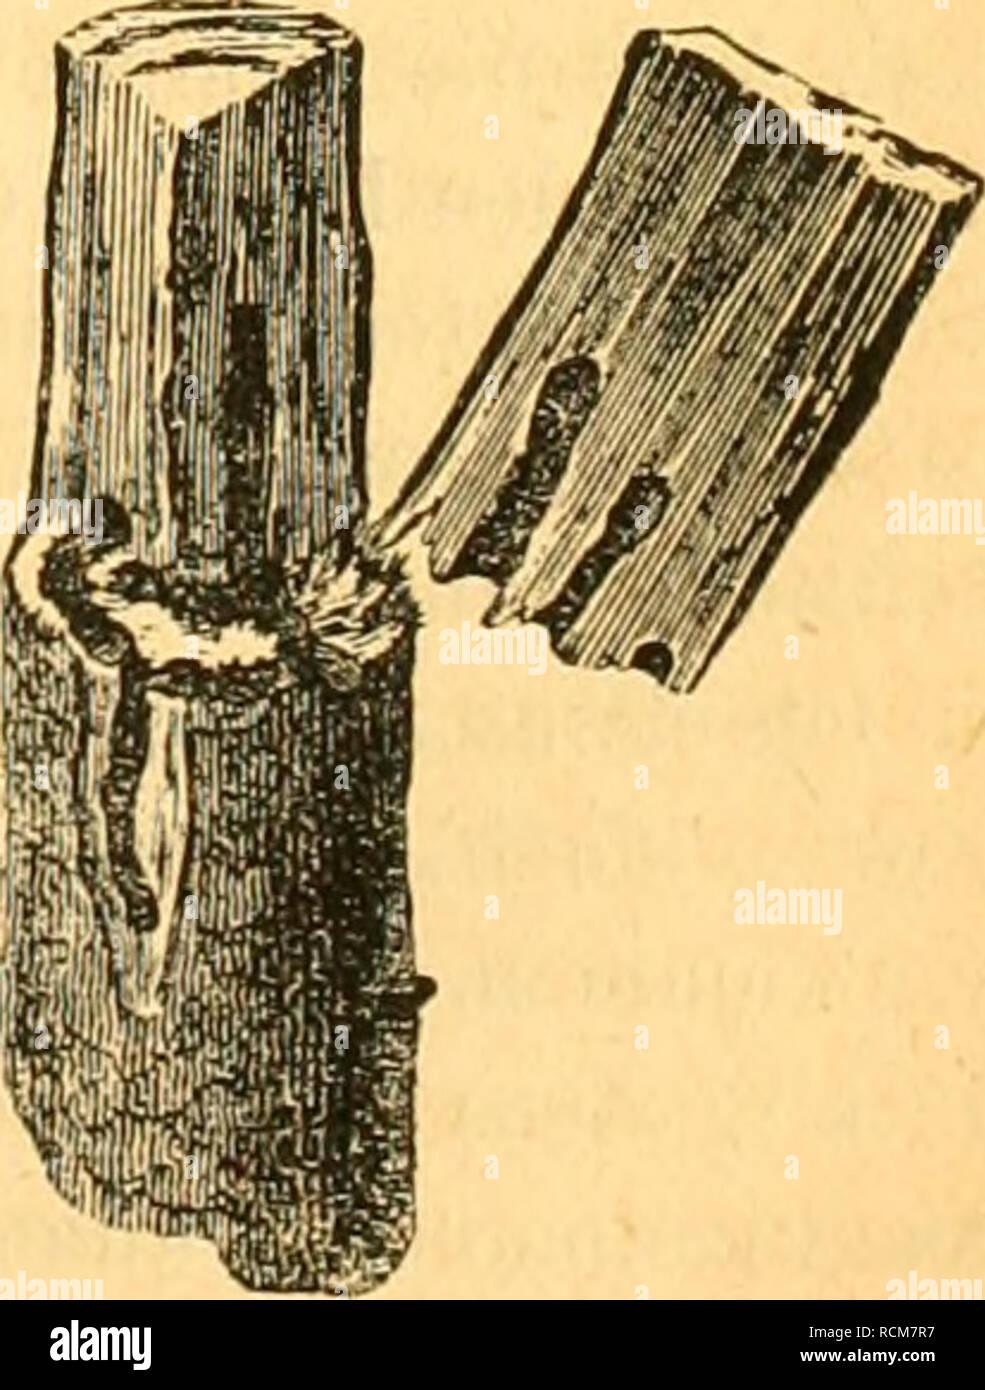 . Die forst-insecten oder Abbildung und beschreibung der in den wäldern Preussens und der nachbarstaaten als schädlich oder nützlich bekannt gewordenen insecten; in systematischer folge und mit besonderer rücksicht auf die vertilgung der schädlichen. Im auftrage des chefs der zweiten abtheilung des Königl. Preuss. Forest insects. BOSTRICHTJS DiSPAE. VORKOMMEN. 205 nicht gerunzelten Zwischenräume. Die abschüssige Stelle ziemlich gewölbt und oben schräg absteigend, mit vertieften Punktreihen und erhabenen, fein gekörnelten Zwischenräumen. Dunkelbraun oder schwarz, stark behaart. Das dunkelbraune Stock Photo